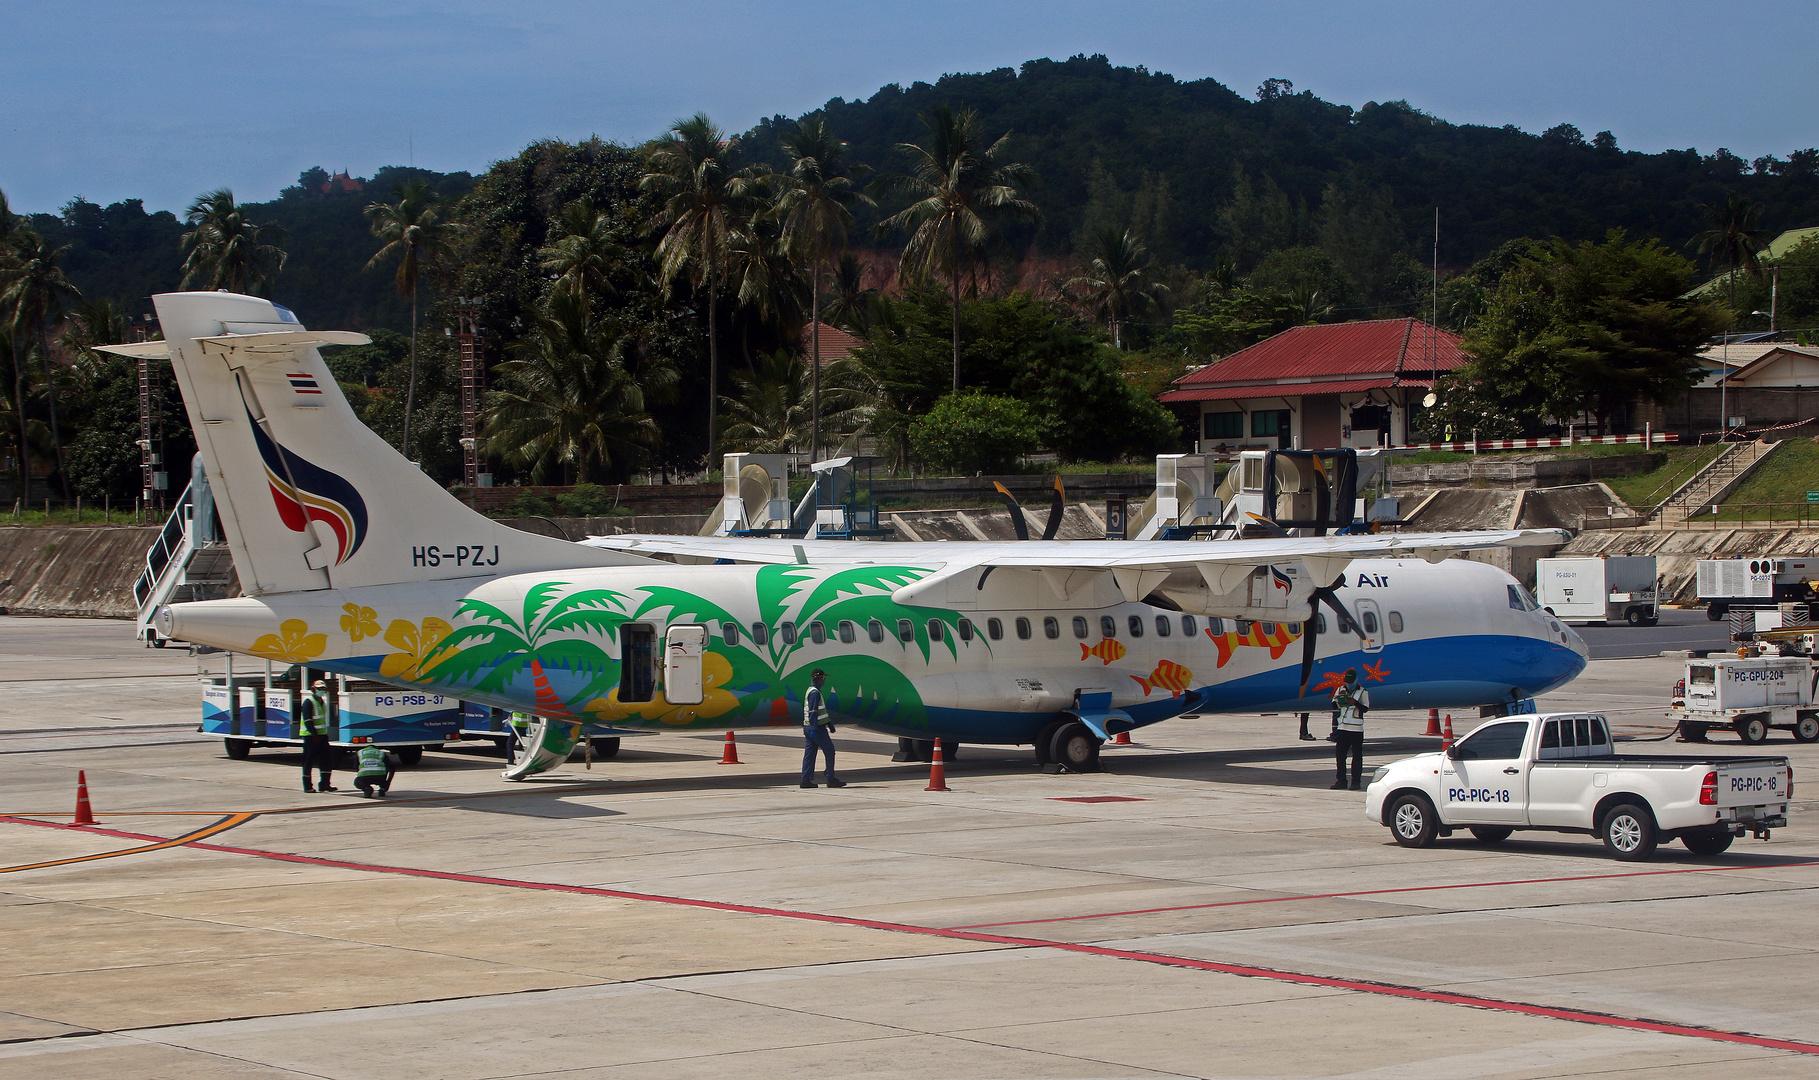 BANGKOK AIR / Koh Samui Airport